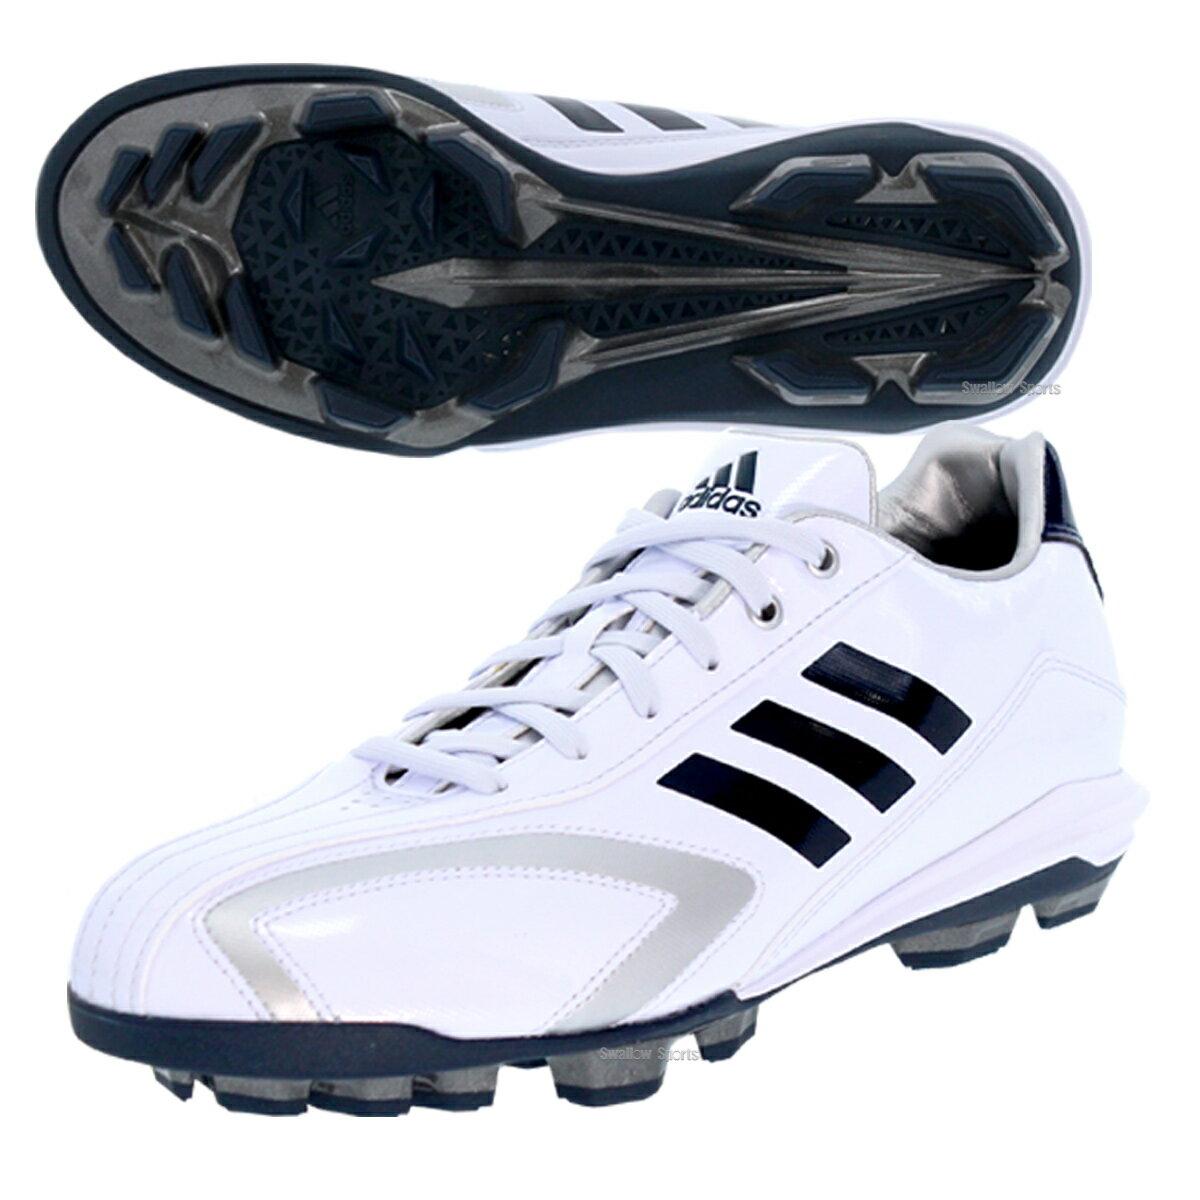 【あす楽対応】 adidas アディダス アディピュア T3 K ポイント スパイク シューズ 少年用 AQ8363 靴 スパイク シューズ 野球部 野球用品 スワロースポーツ